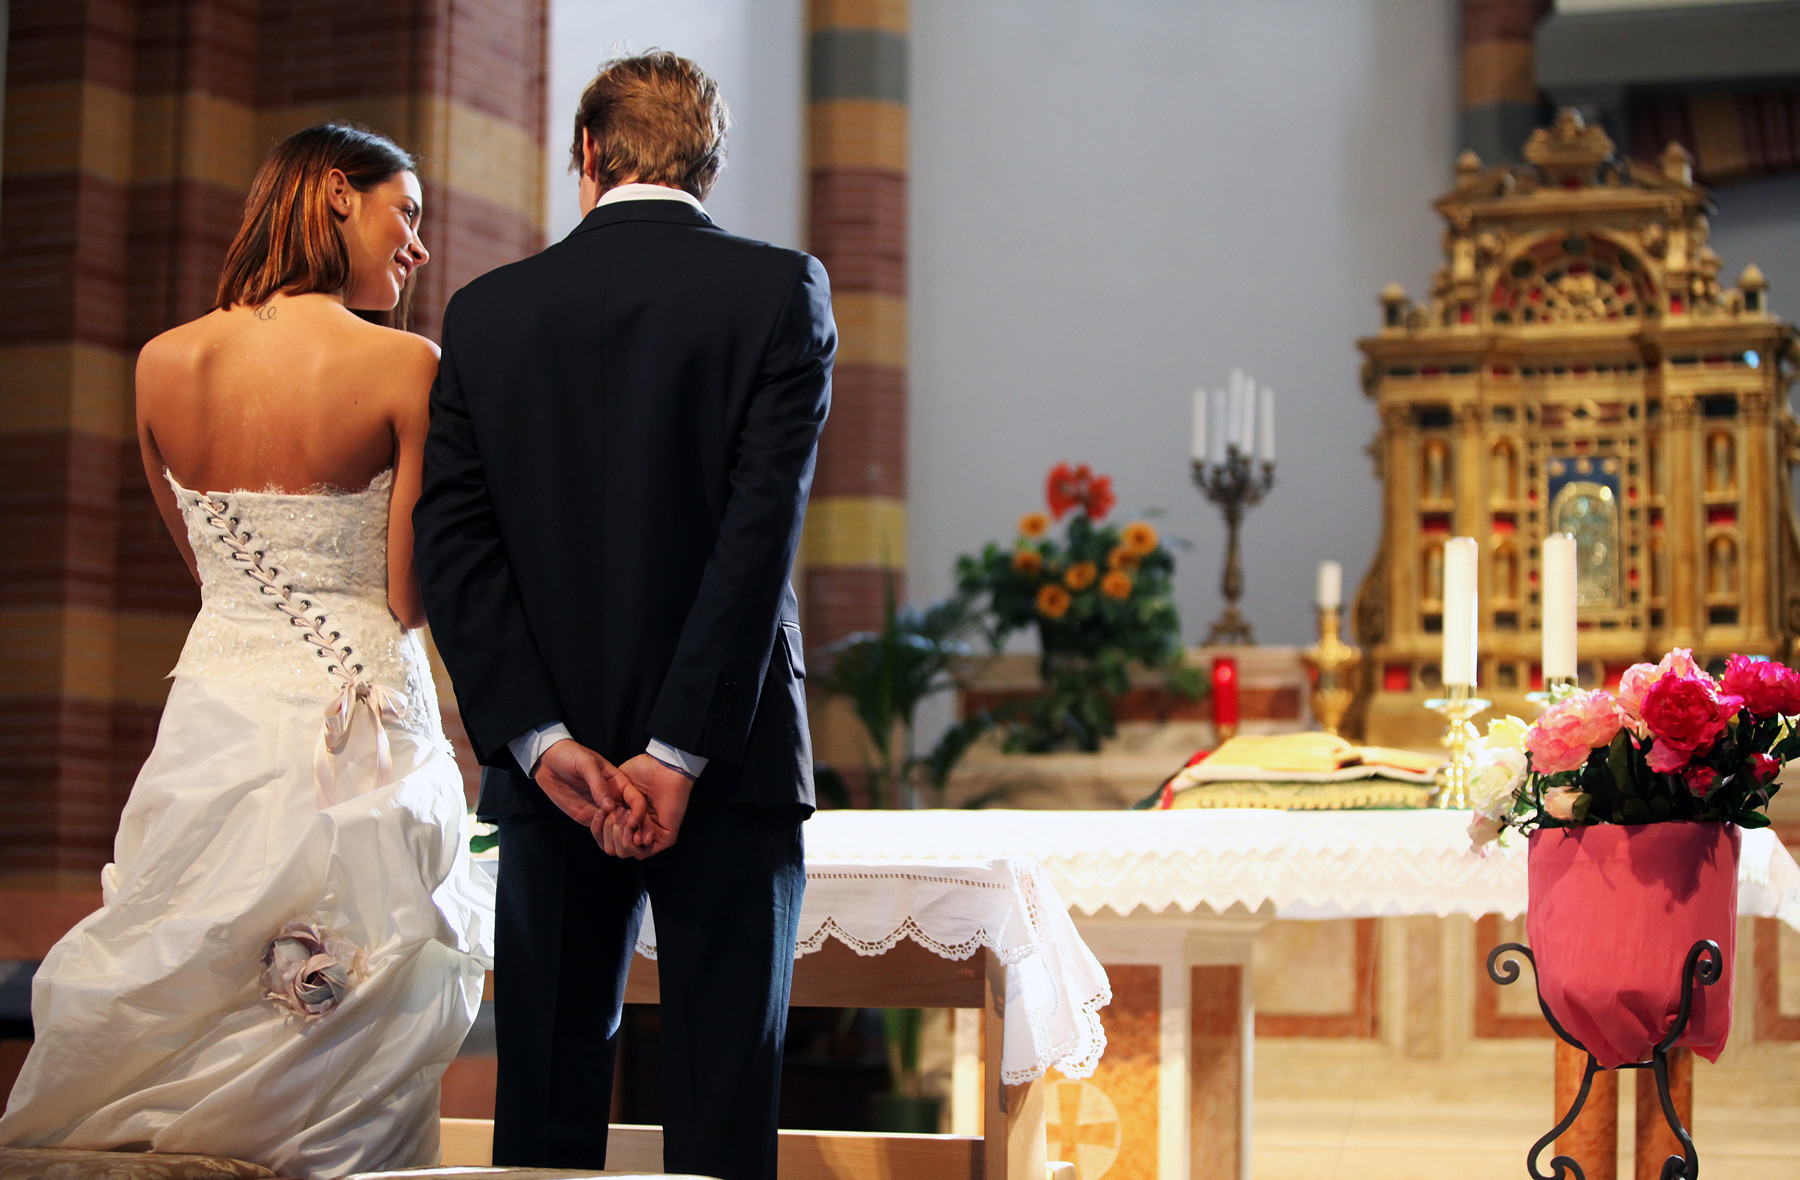 matrimonio 2.jpg